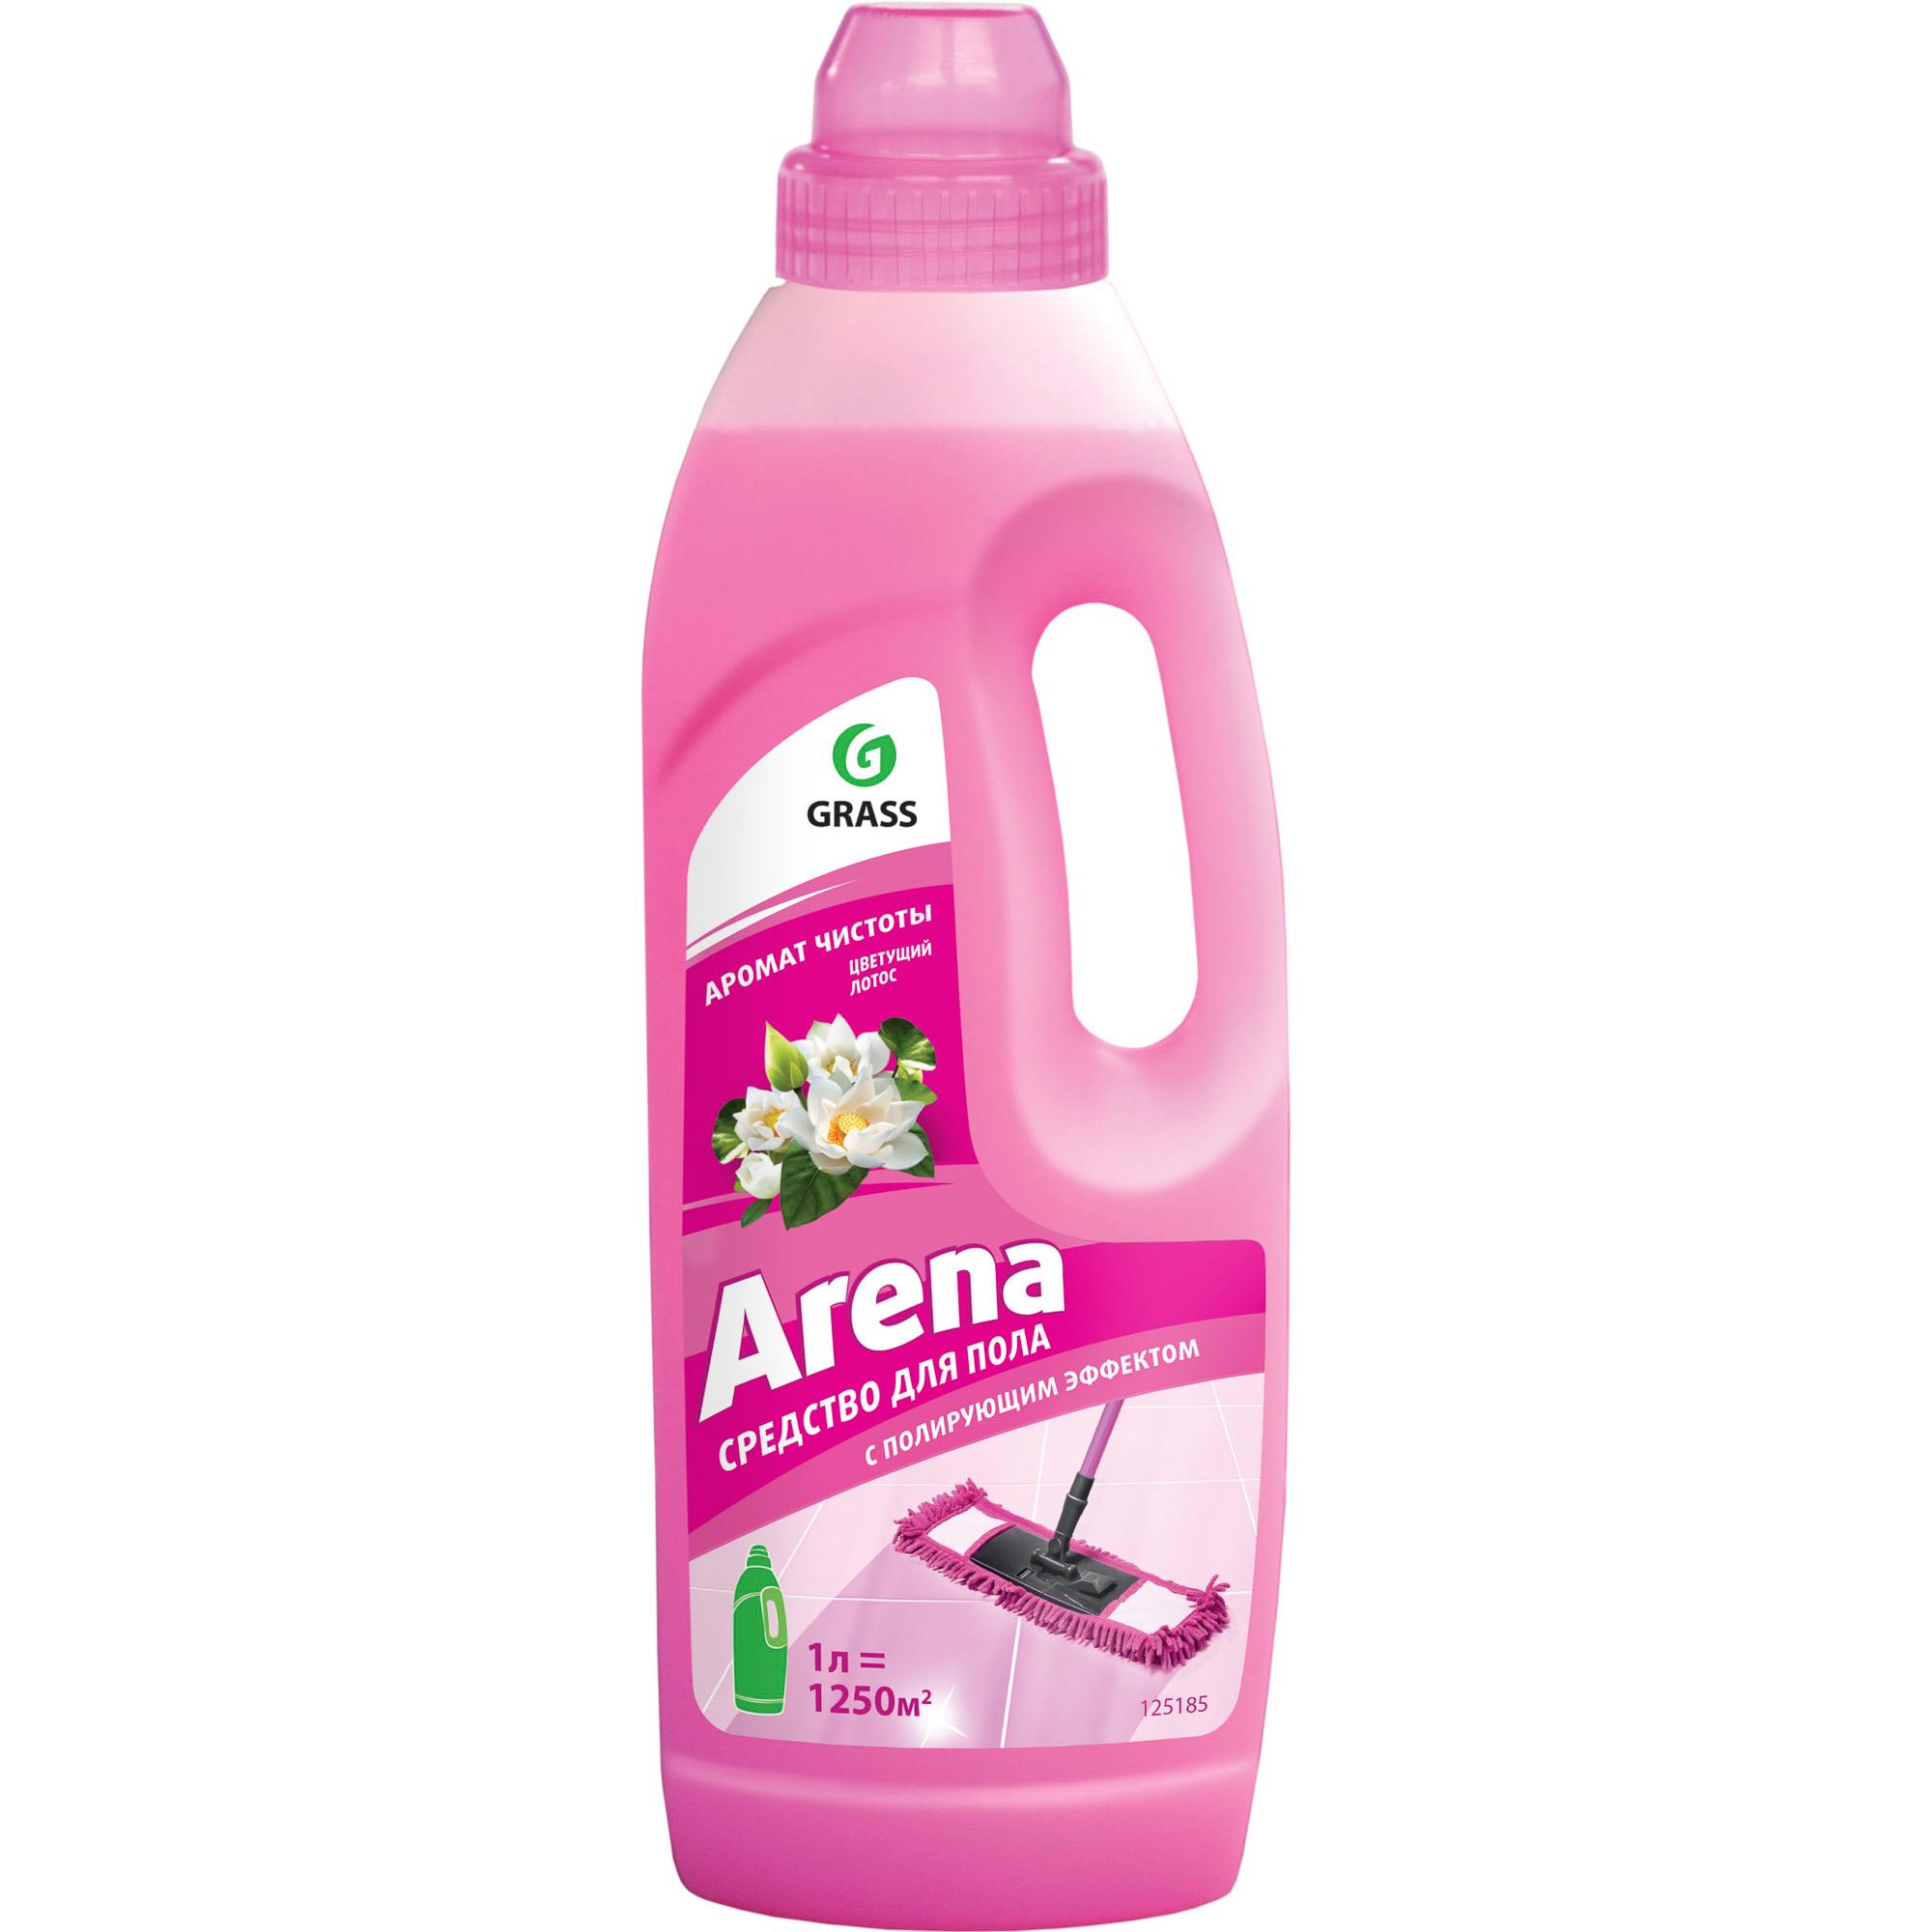 Купить Средство для мытья полов Grass Arena Цветущий лотос 1 л, моющее средство, Россия